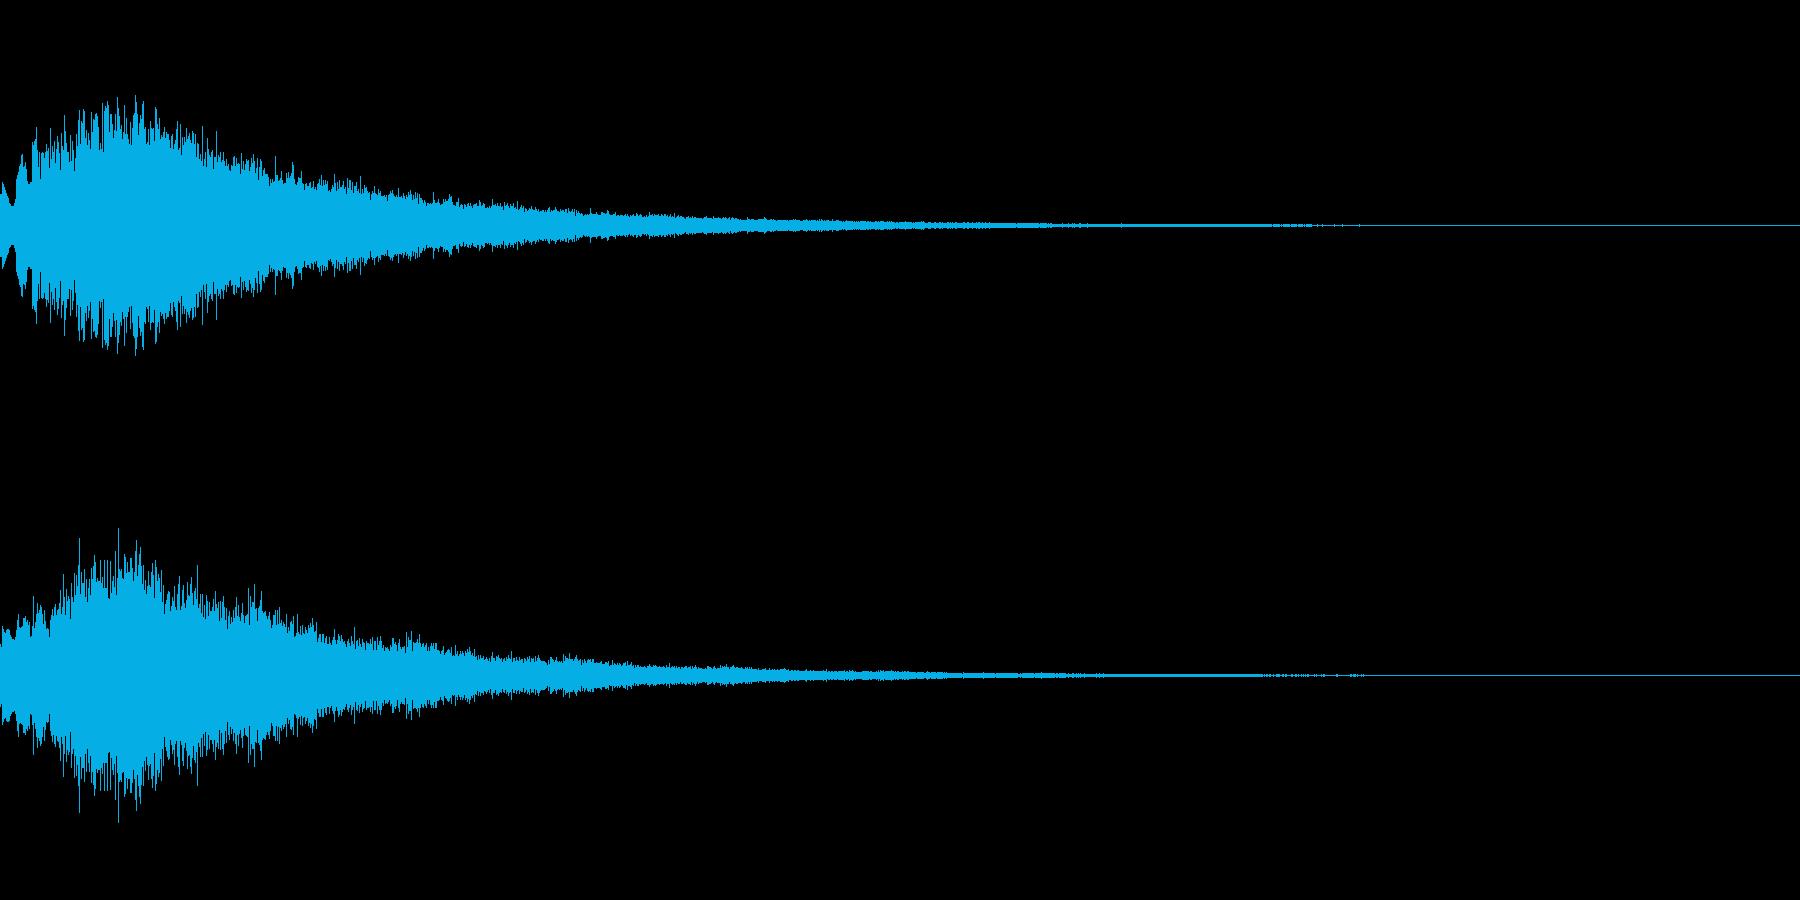 キラキラ シャララーン アイキャッチ02の再生済みの波形